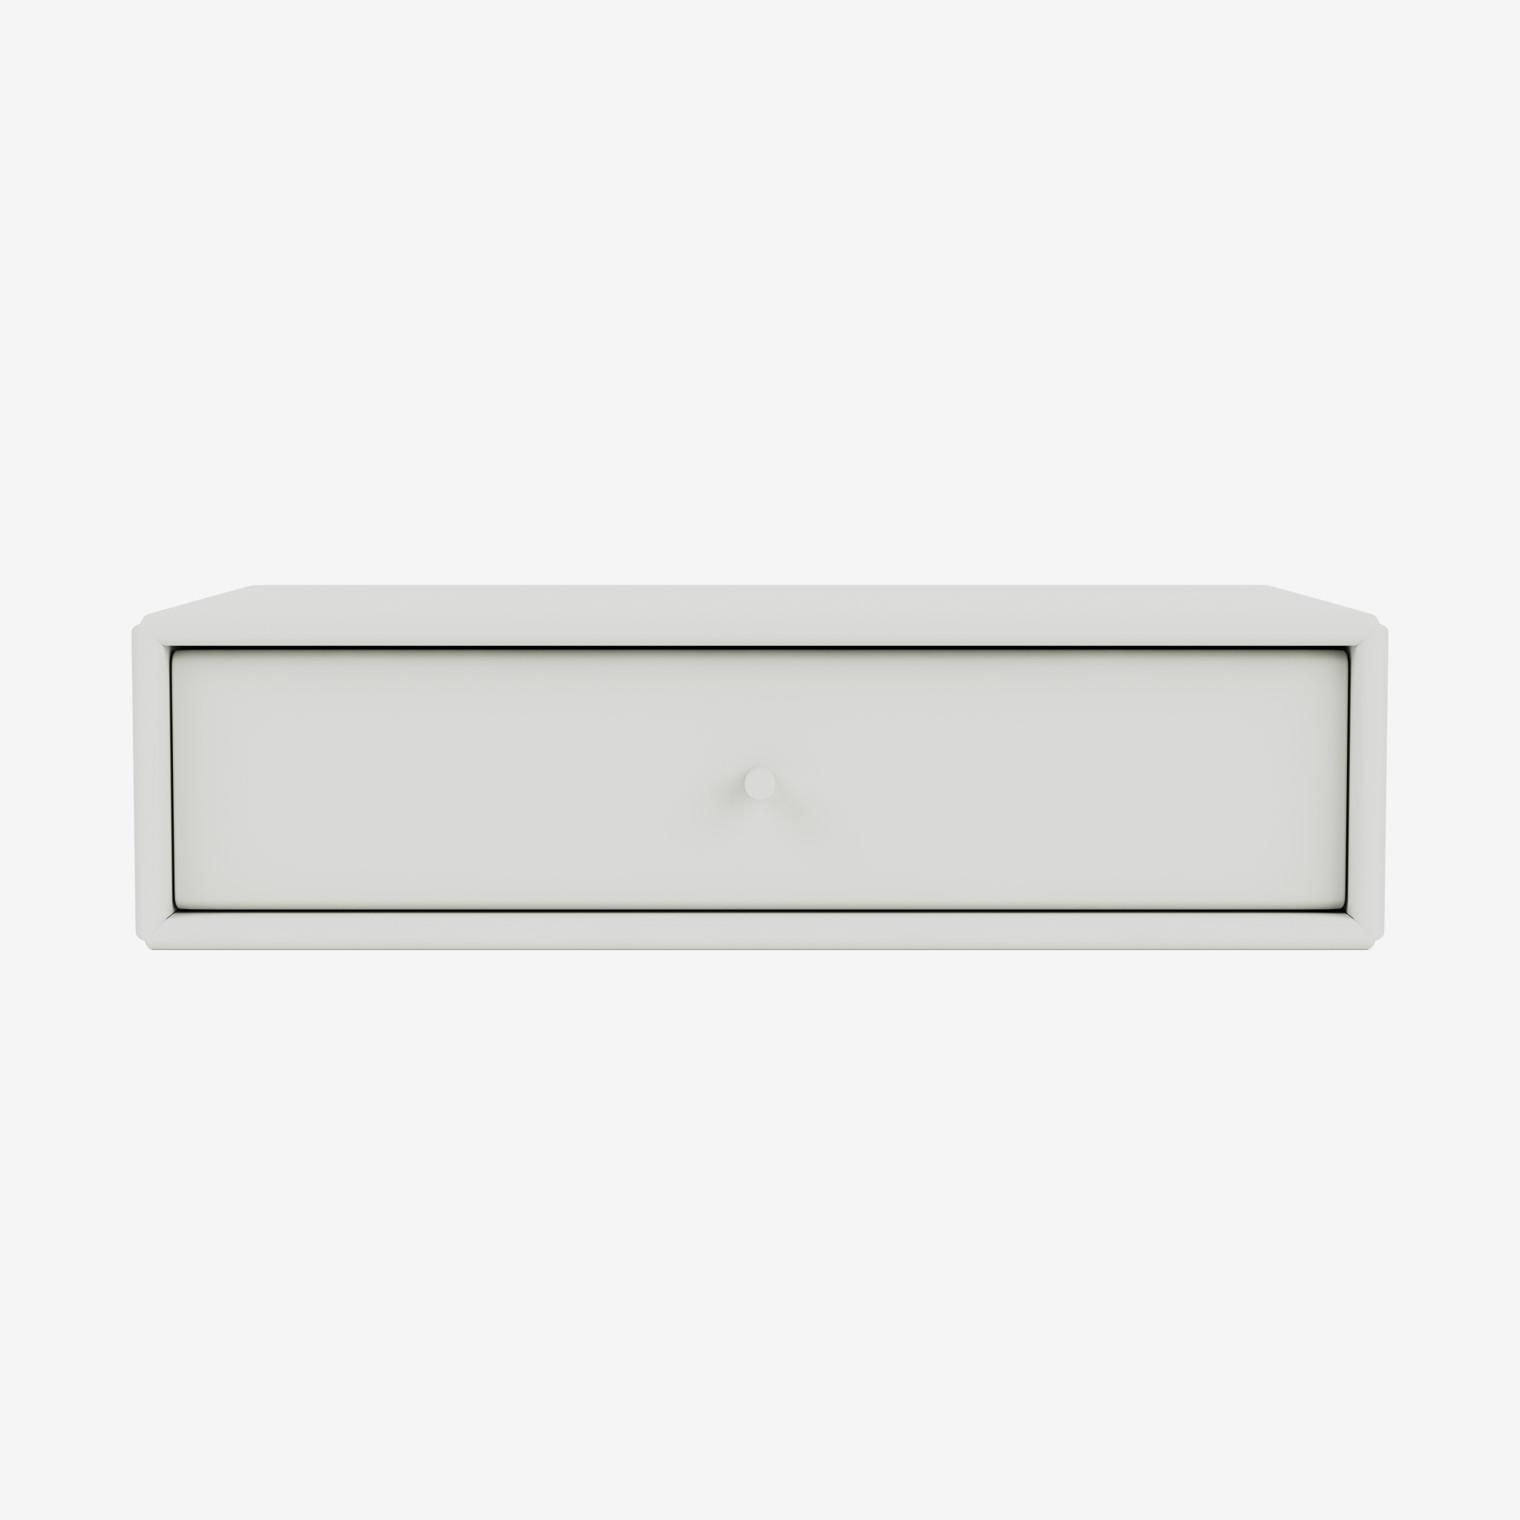 Drawer module 8142